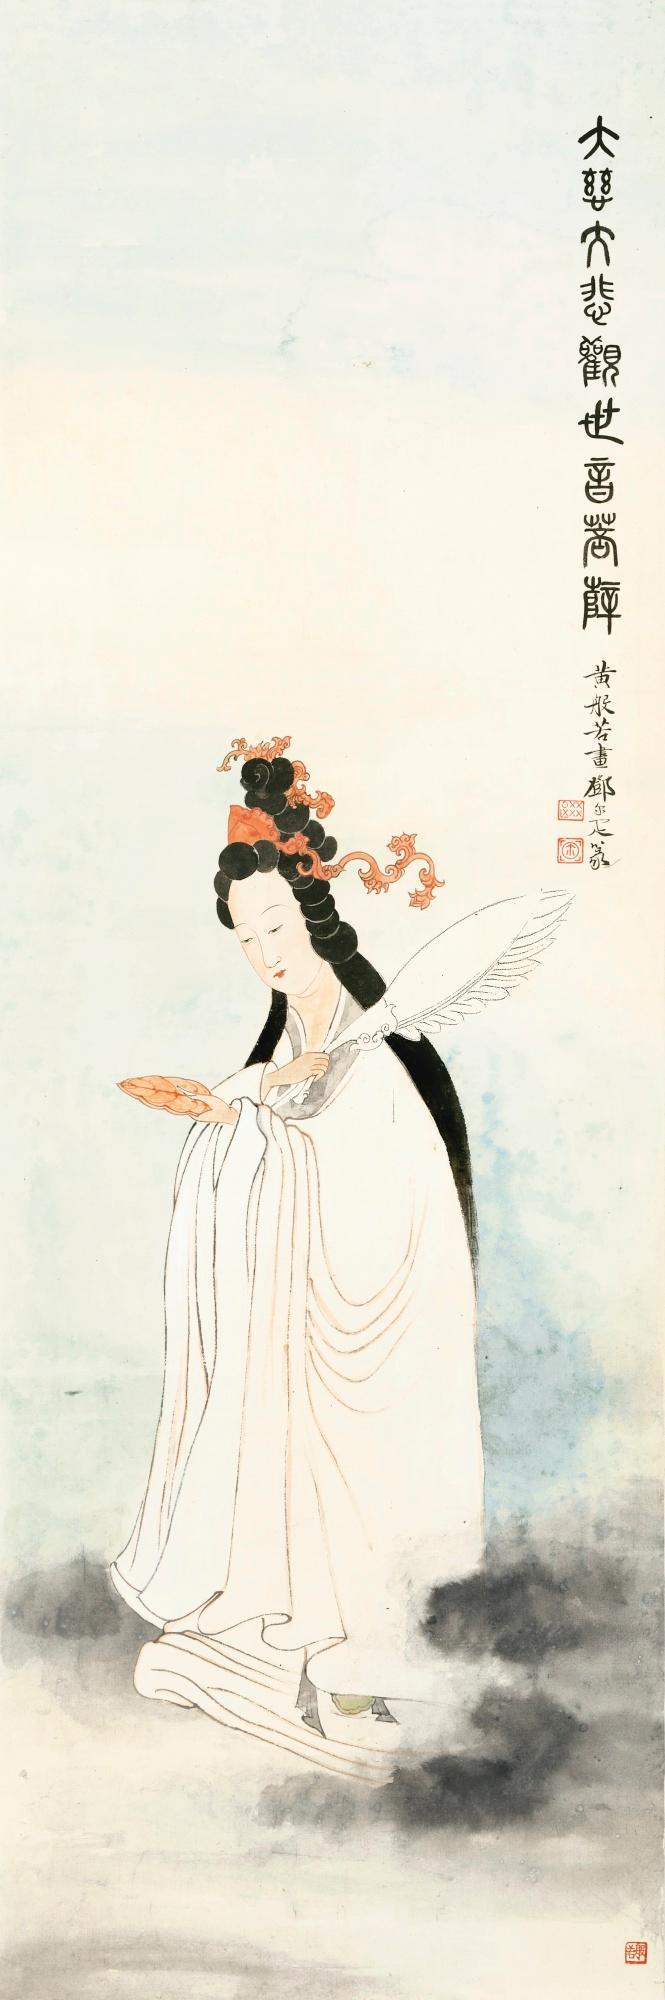 HUANG BORE (1901-1968) | Guanyin